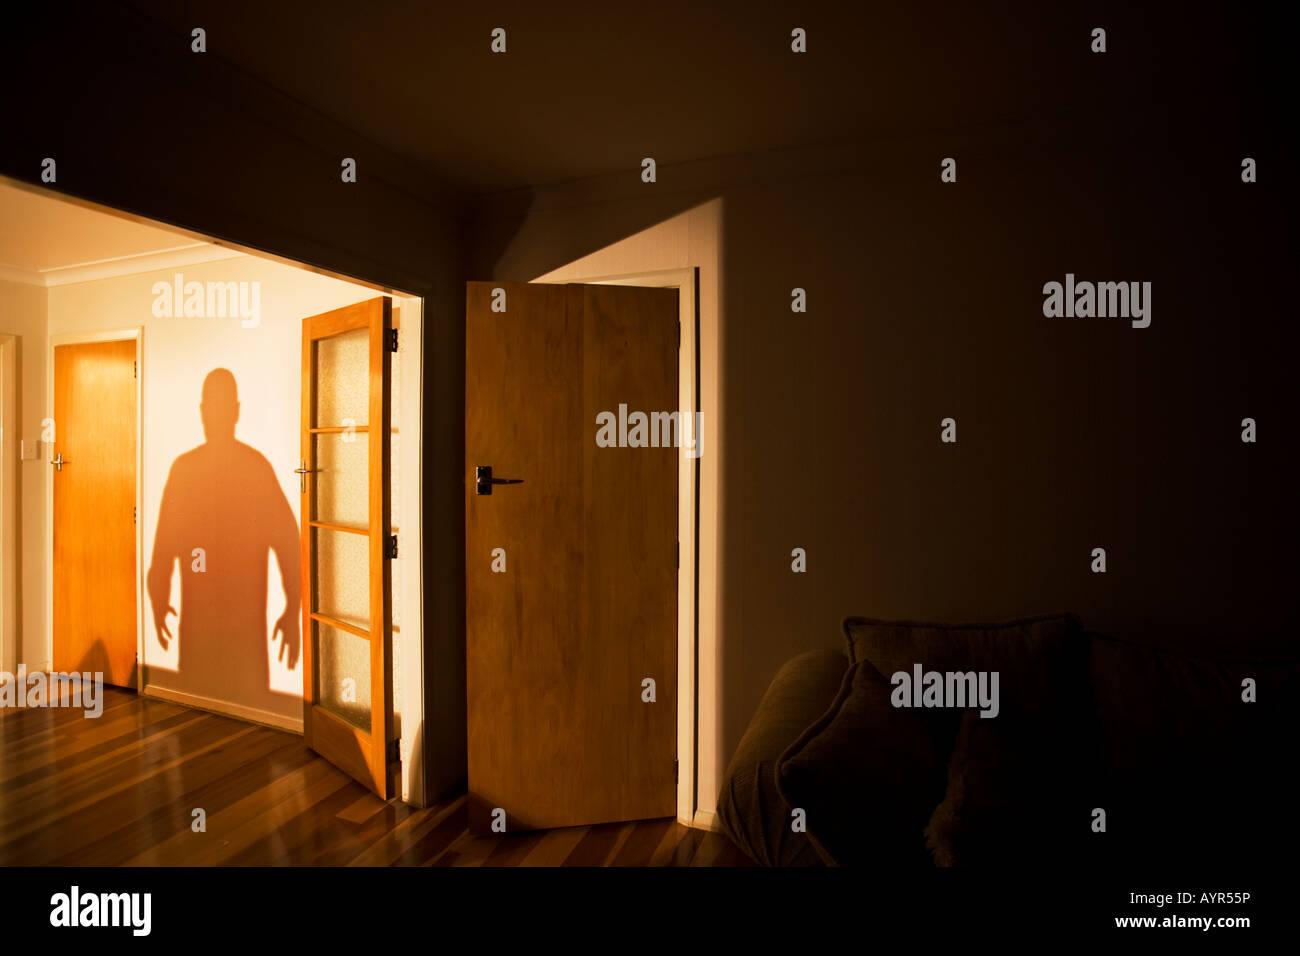 La sombra del hombre en la pared al lado de cuarto oscuro Imagen De Stock